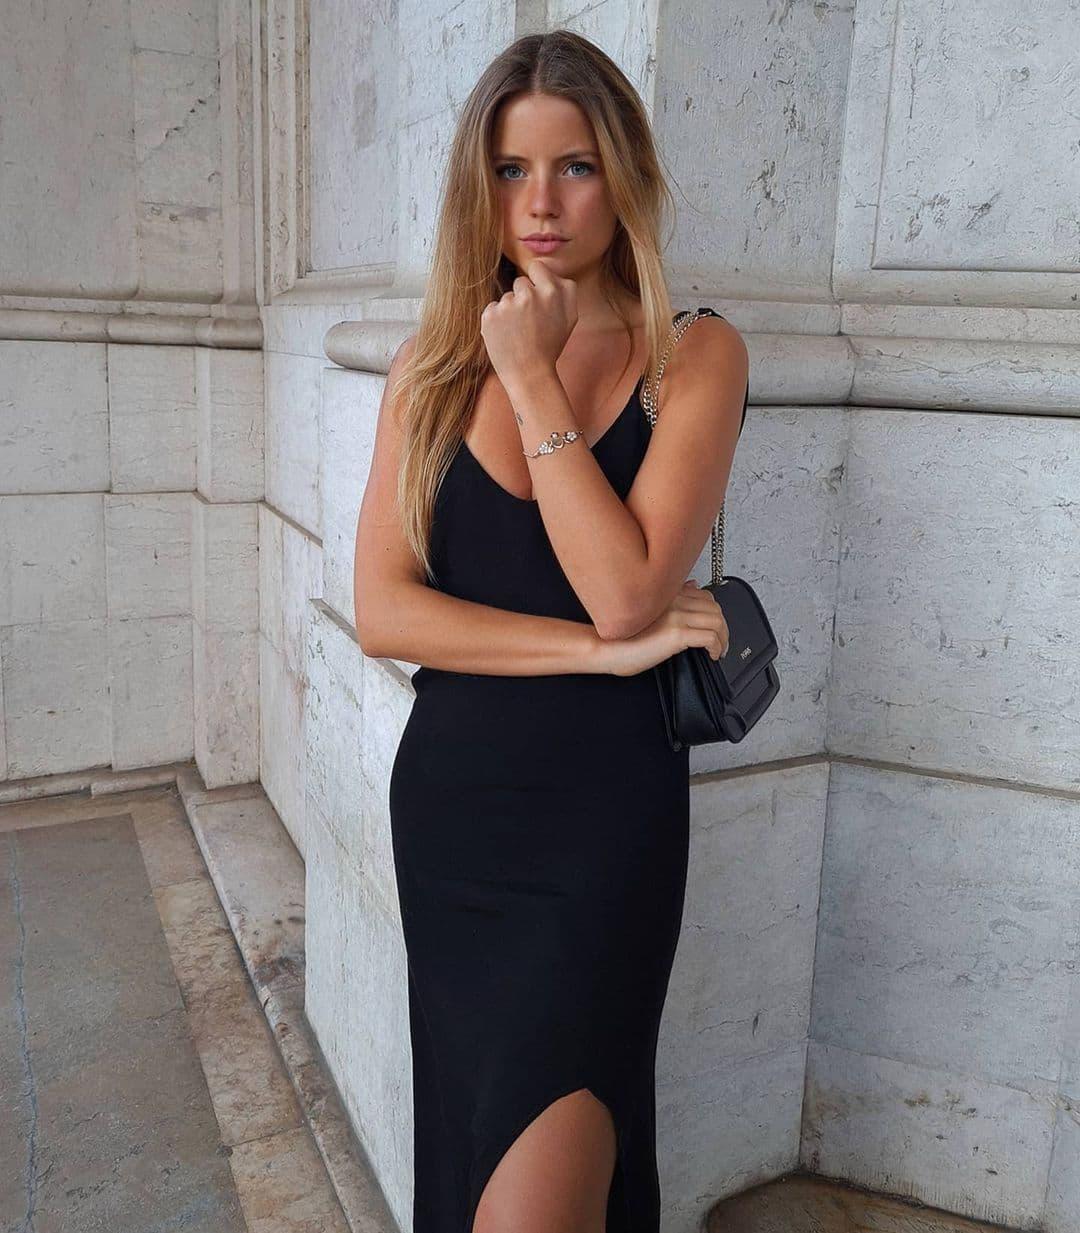 Инес Томаз – новая девушка Бернарду Силвы. Лучшее, что случилось с португальцем в 2020-м!